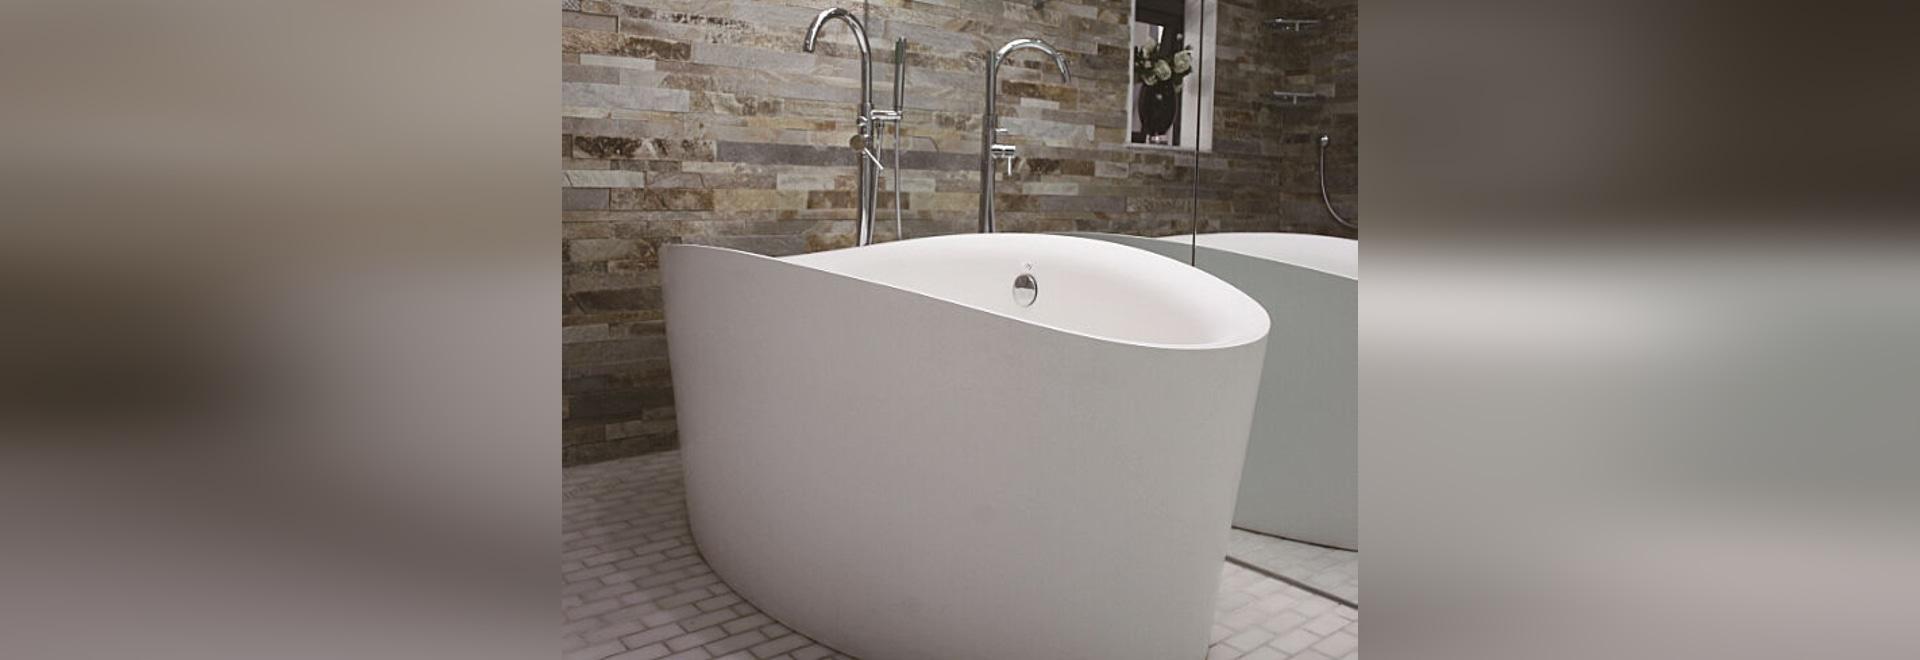 Bagni con pareti in resina : bagno con pareti in resina. bagni con ...